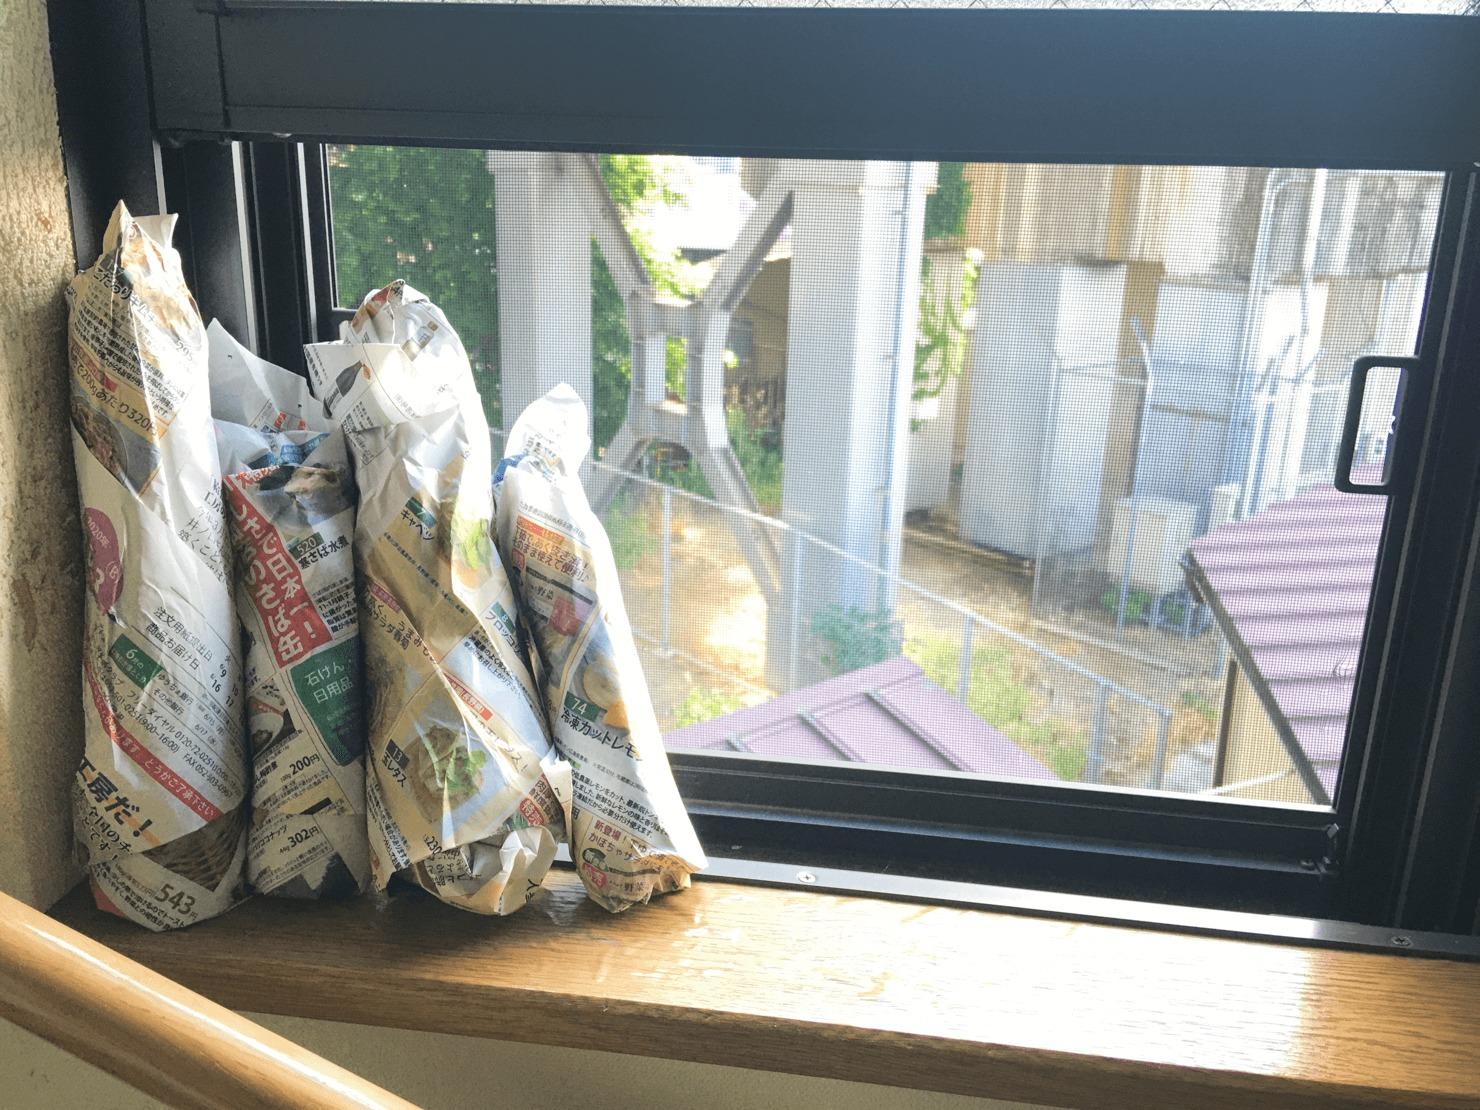 新聞紙に包んだズッキーニが窓辺に立ててある写真